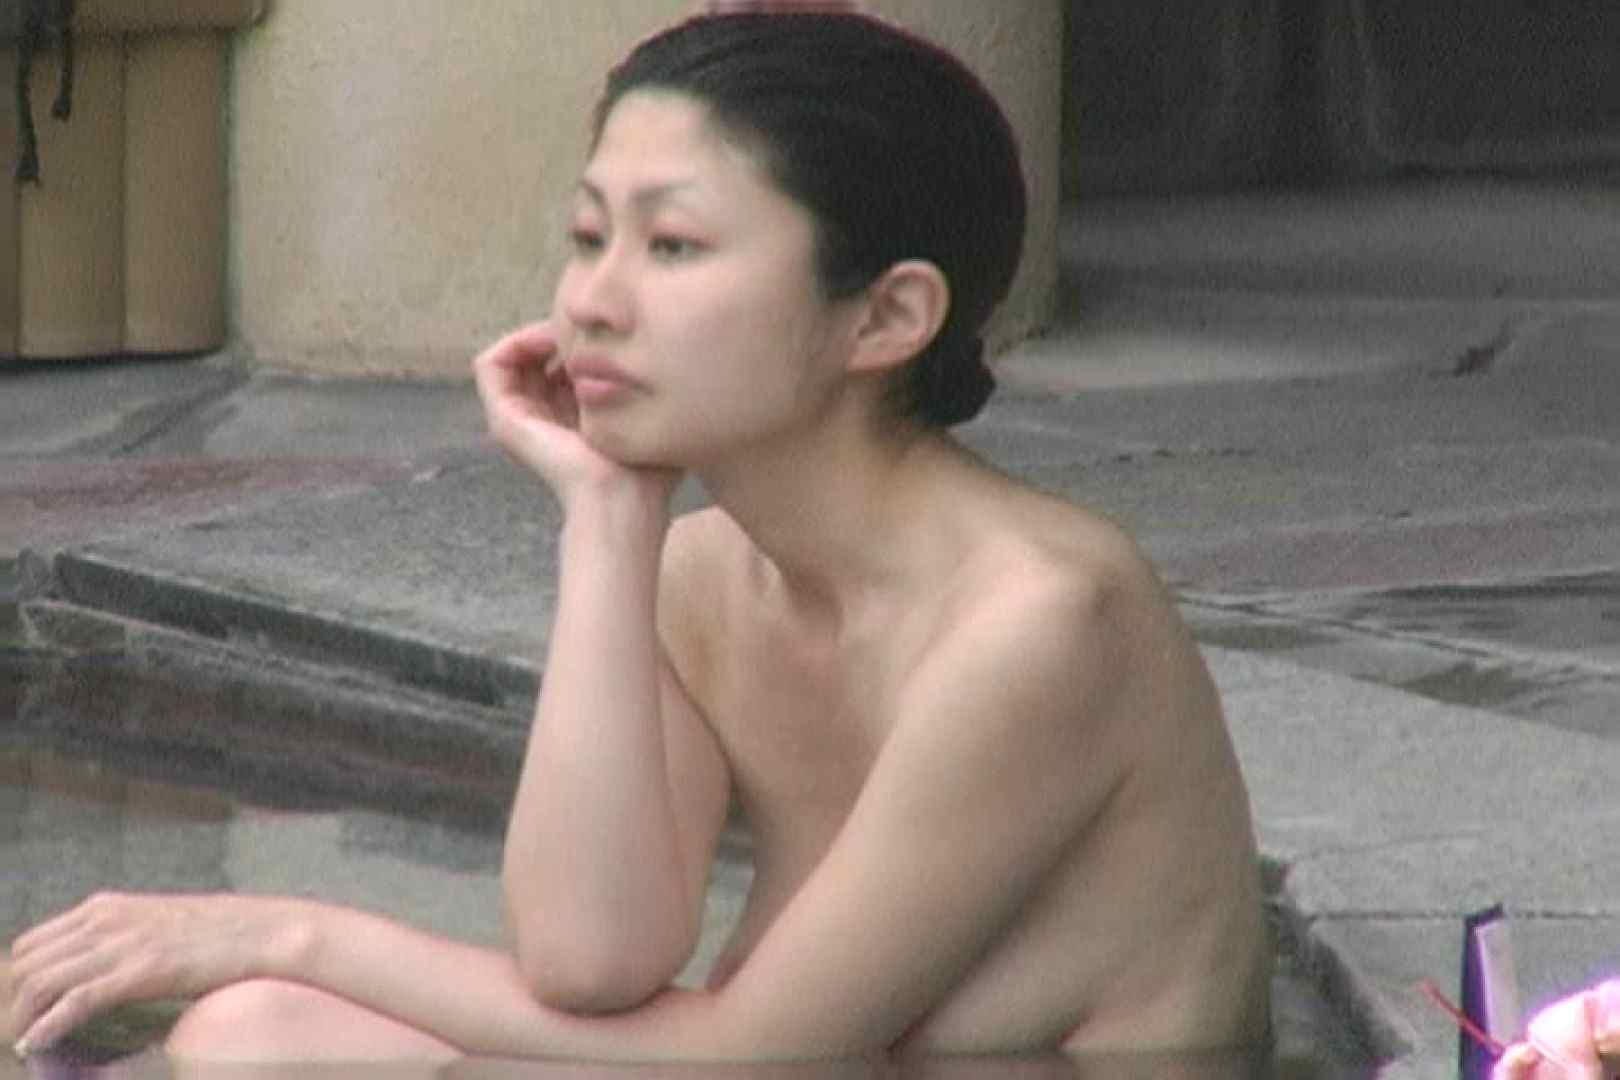 Aquaな露天風呂Vol.642 美しいOLの裸体  86pic 42